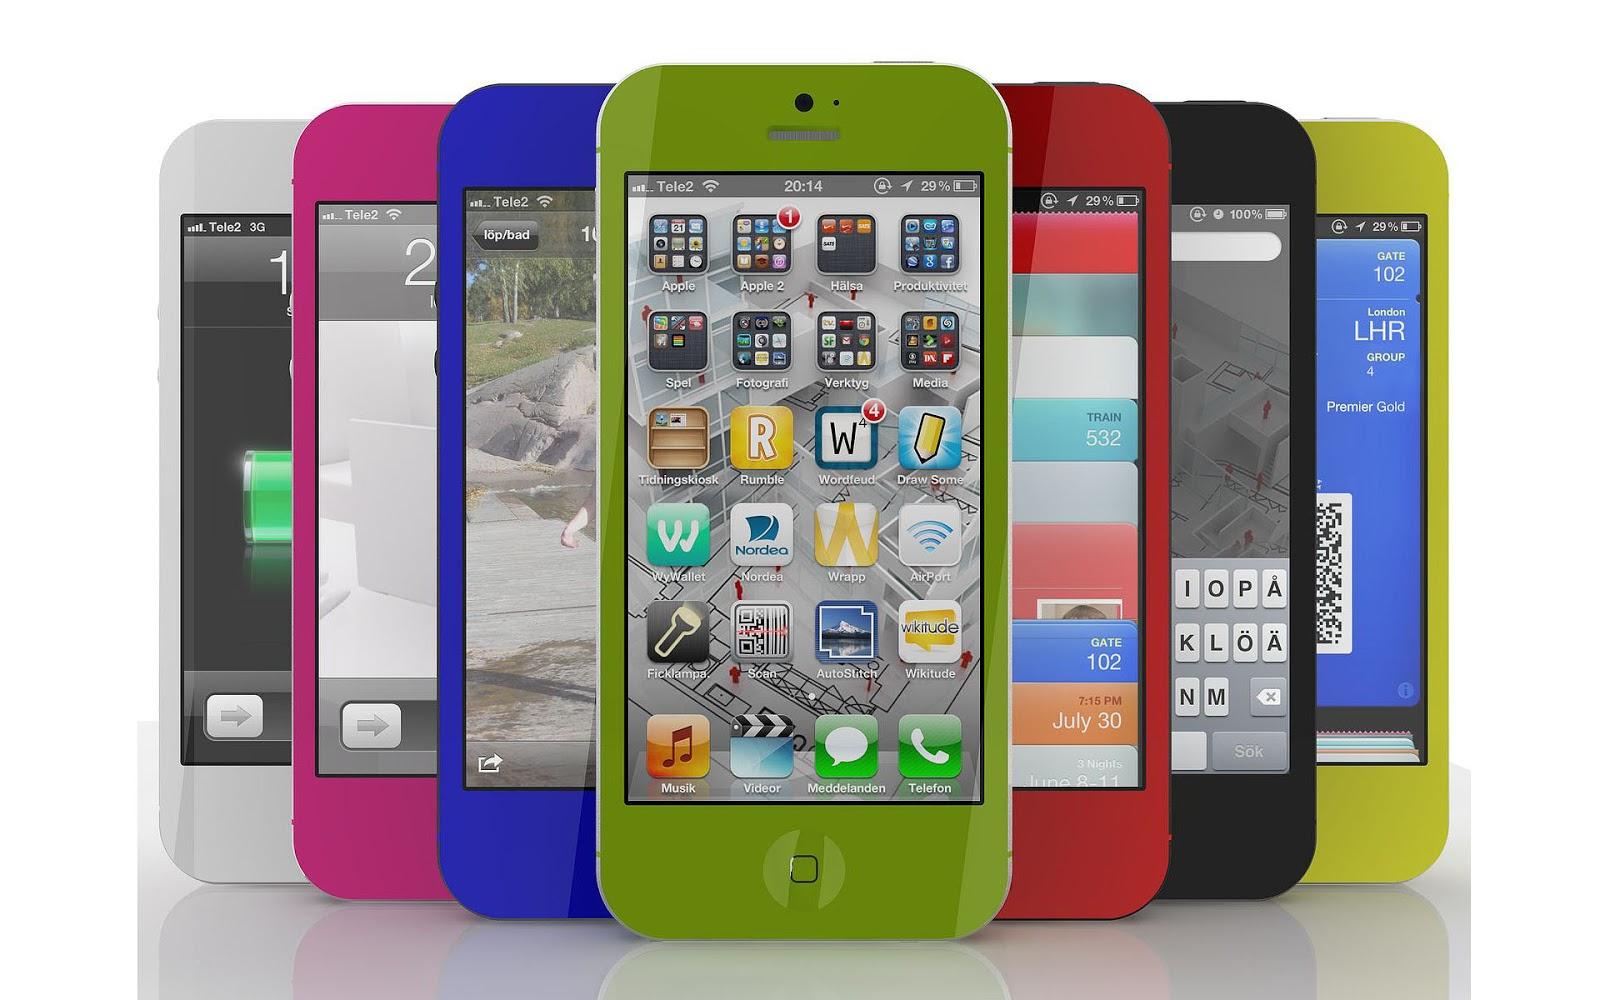 http://4.bp.blogspot.com/-X6gCGw-t1vI/UJFhORv86EI/AAAAAAAAIWs/fx1LWPVjI7w/s1600/de-iphone-5-in-verschillende-kleuren-hd-iphone-5-achtergrond.jpg